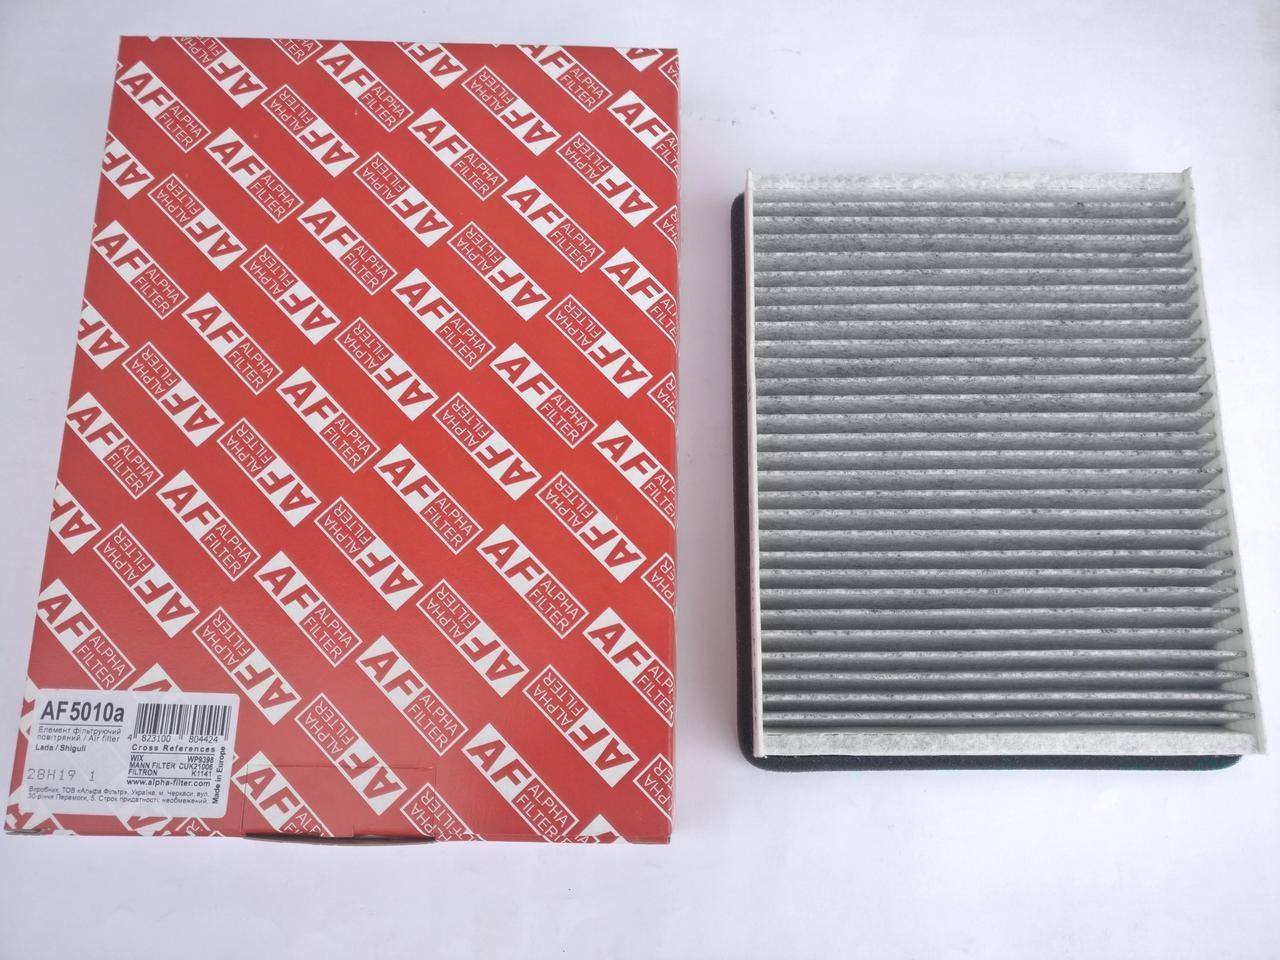 Фильтр салона Ваз 2110-2112 после 2003 года ALFA FILTER Угольный, фото 1